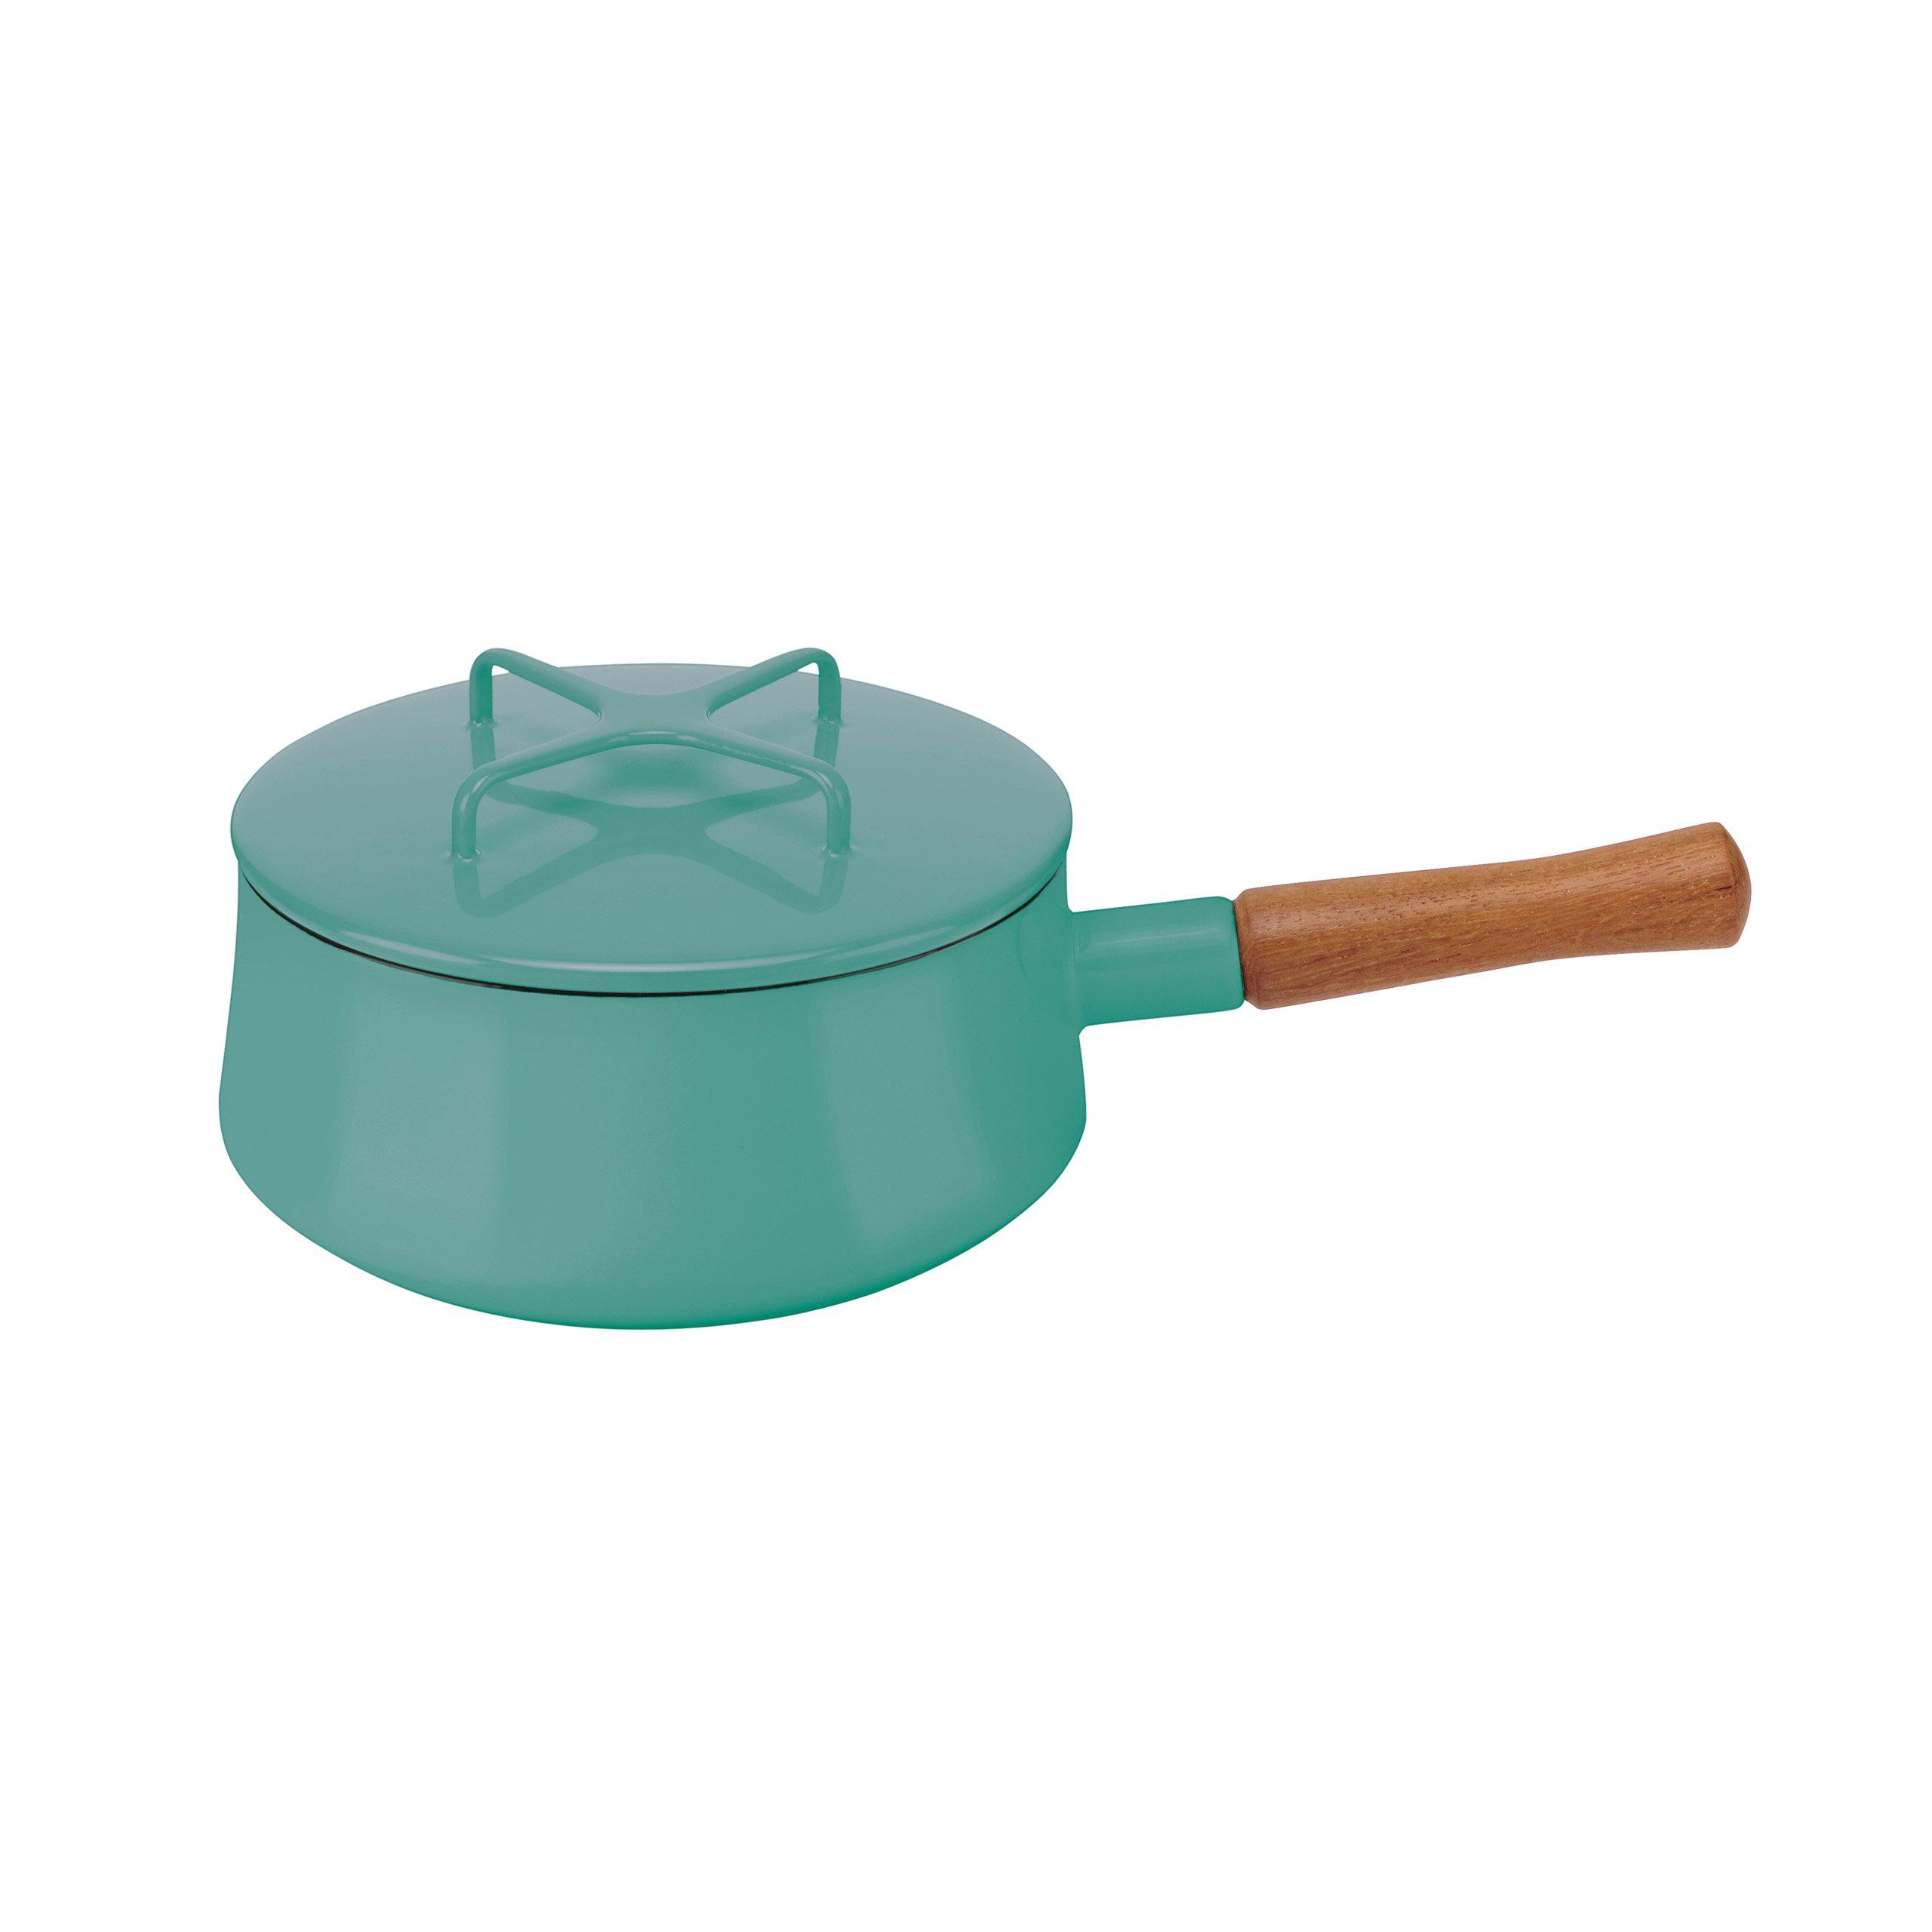 Dansk Kobenstyle Teal Saucepan, 2-Quart by Dansk (Image #1)